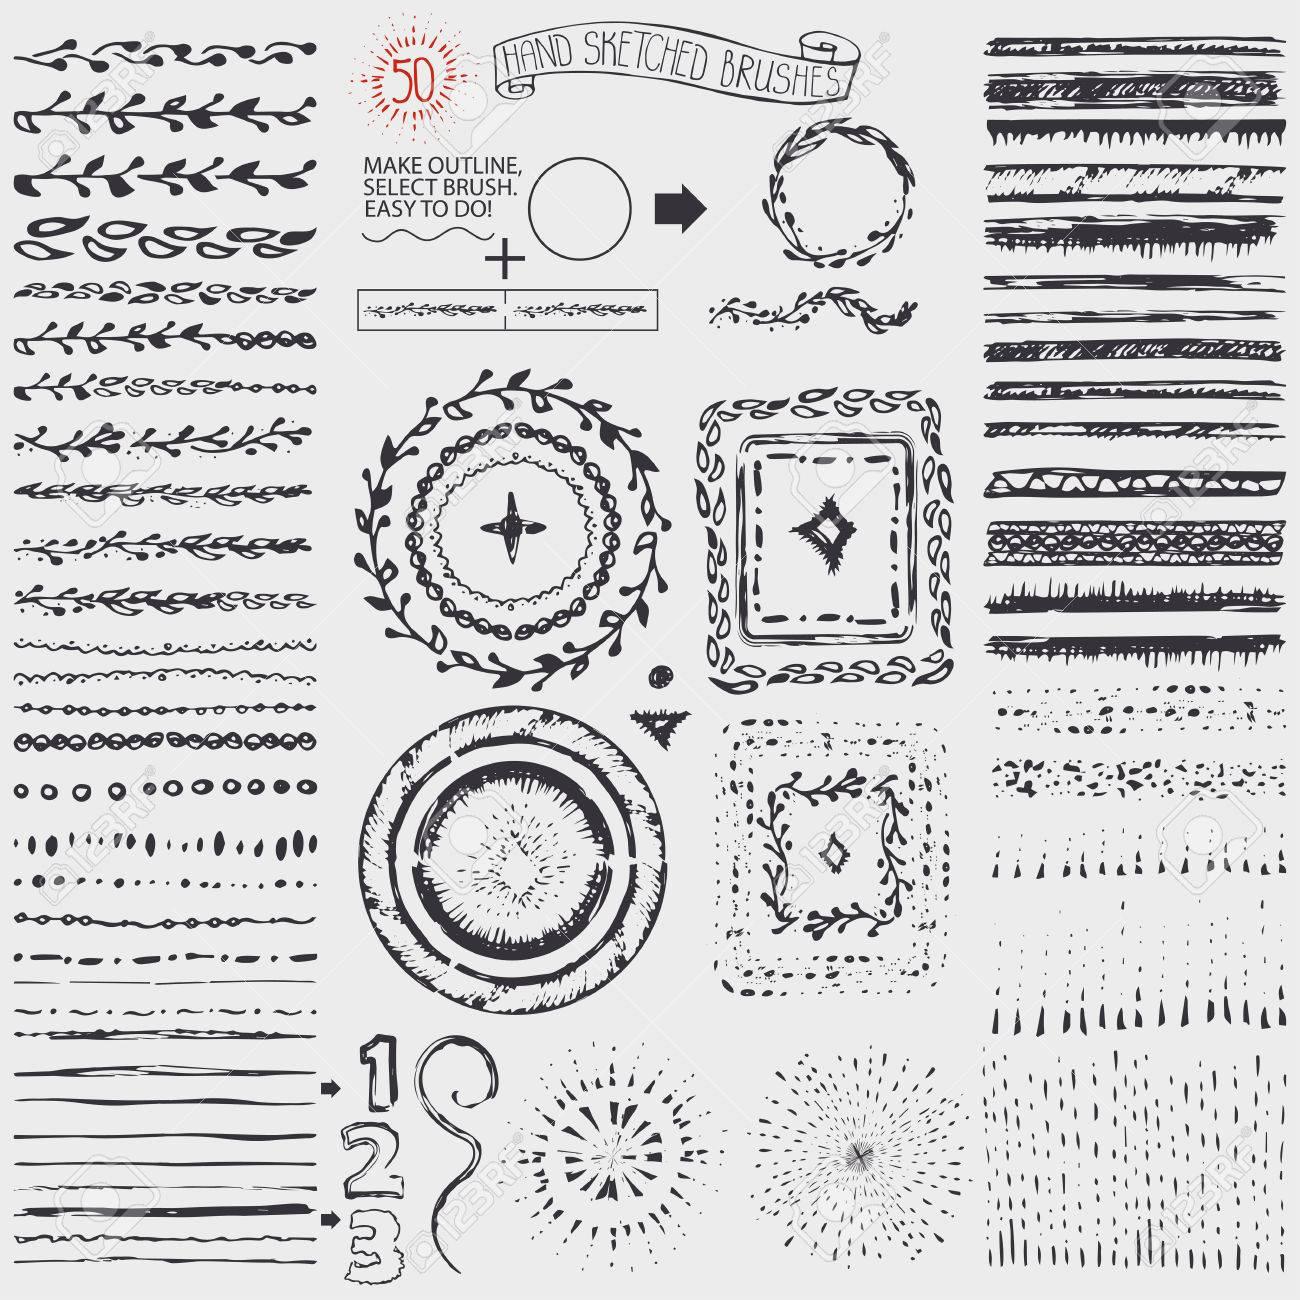 hand gezeichnete muster brsten kranz linie grenze platzen form doodle dekor knstlerischen - Muster Urlaubsantrag